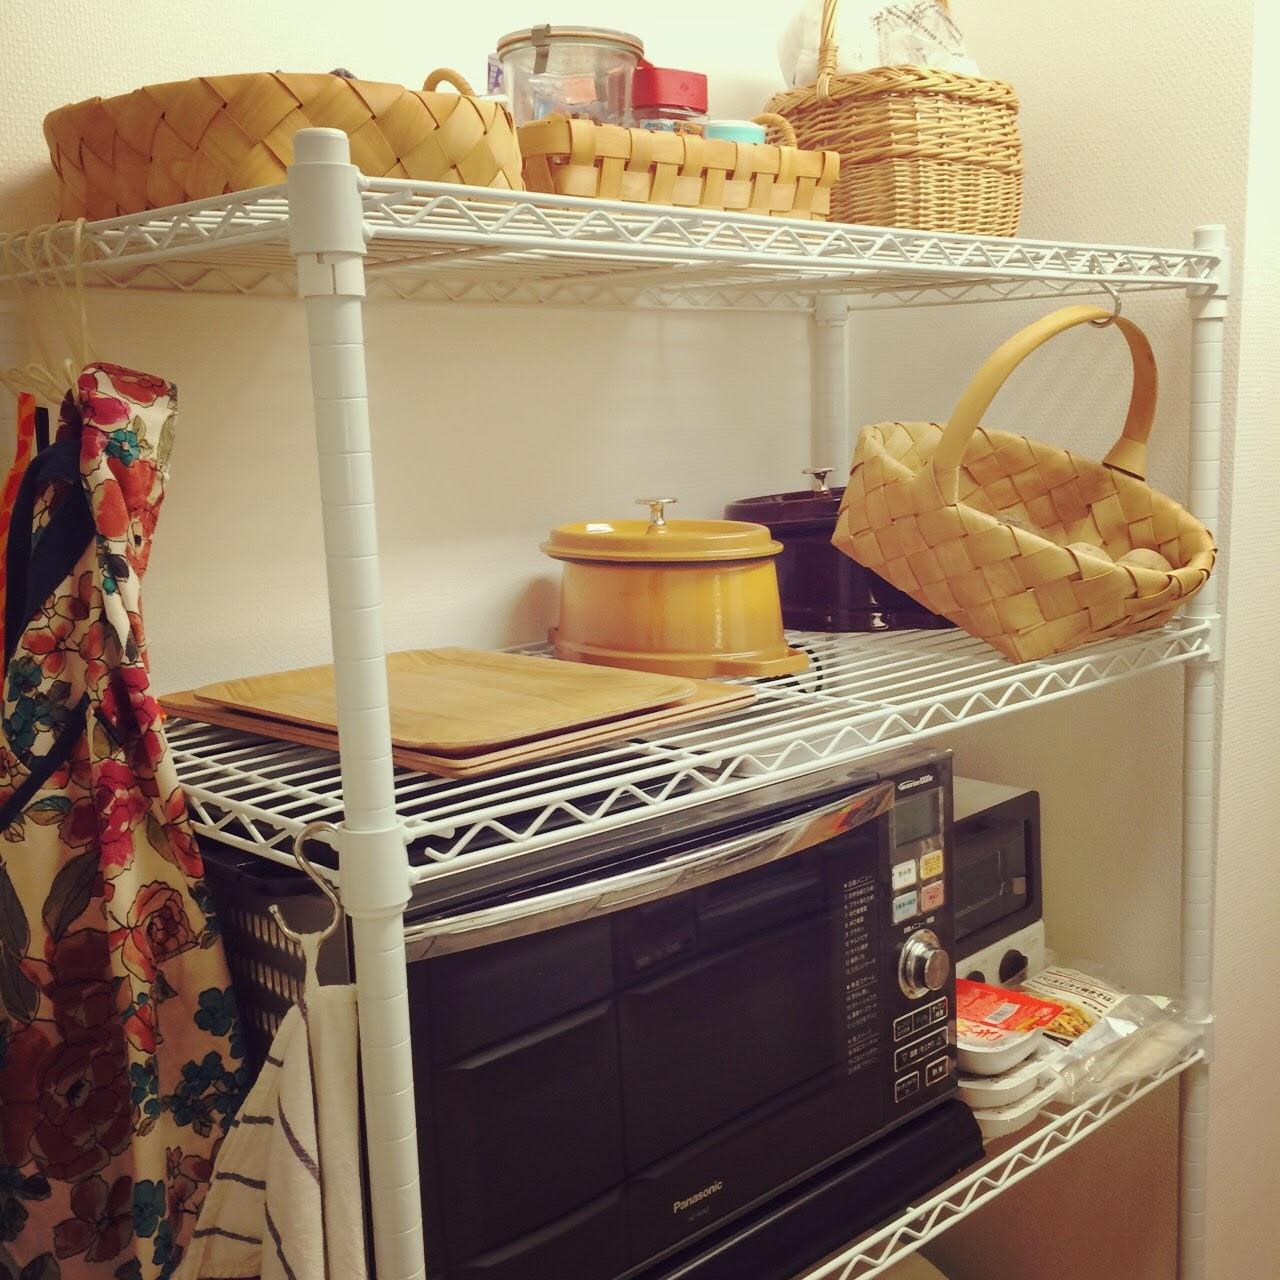 続・スチールラックのキッチン収納。カゴと引っかけ収納フル活用 – ほど